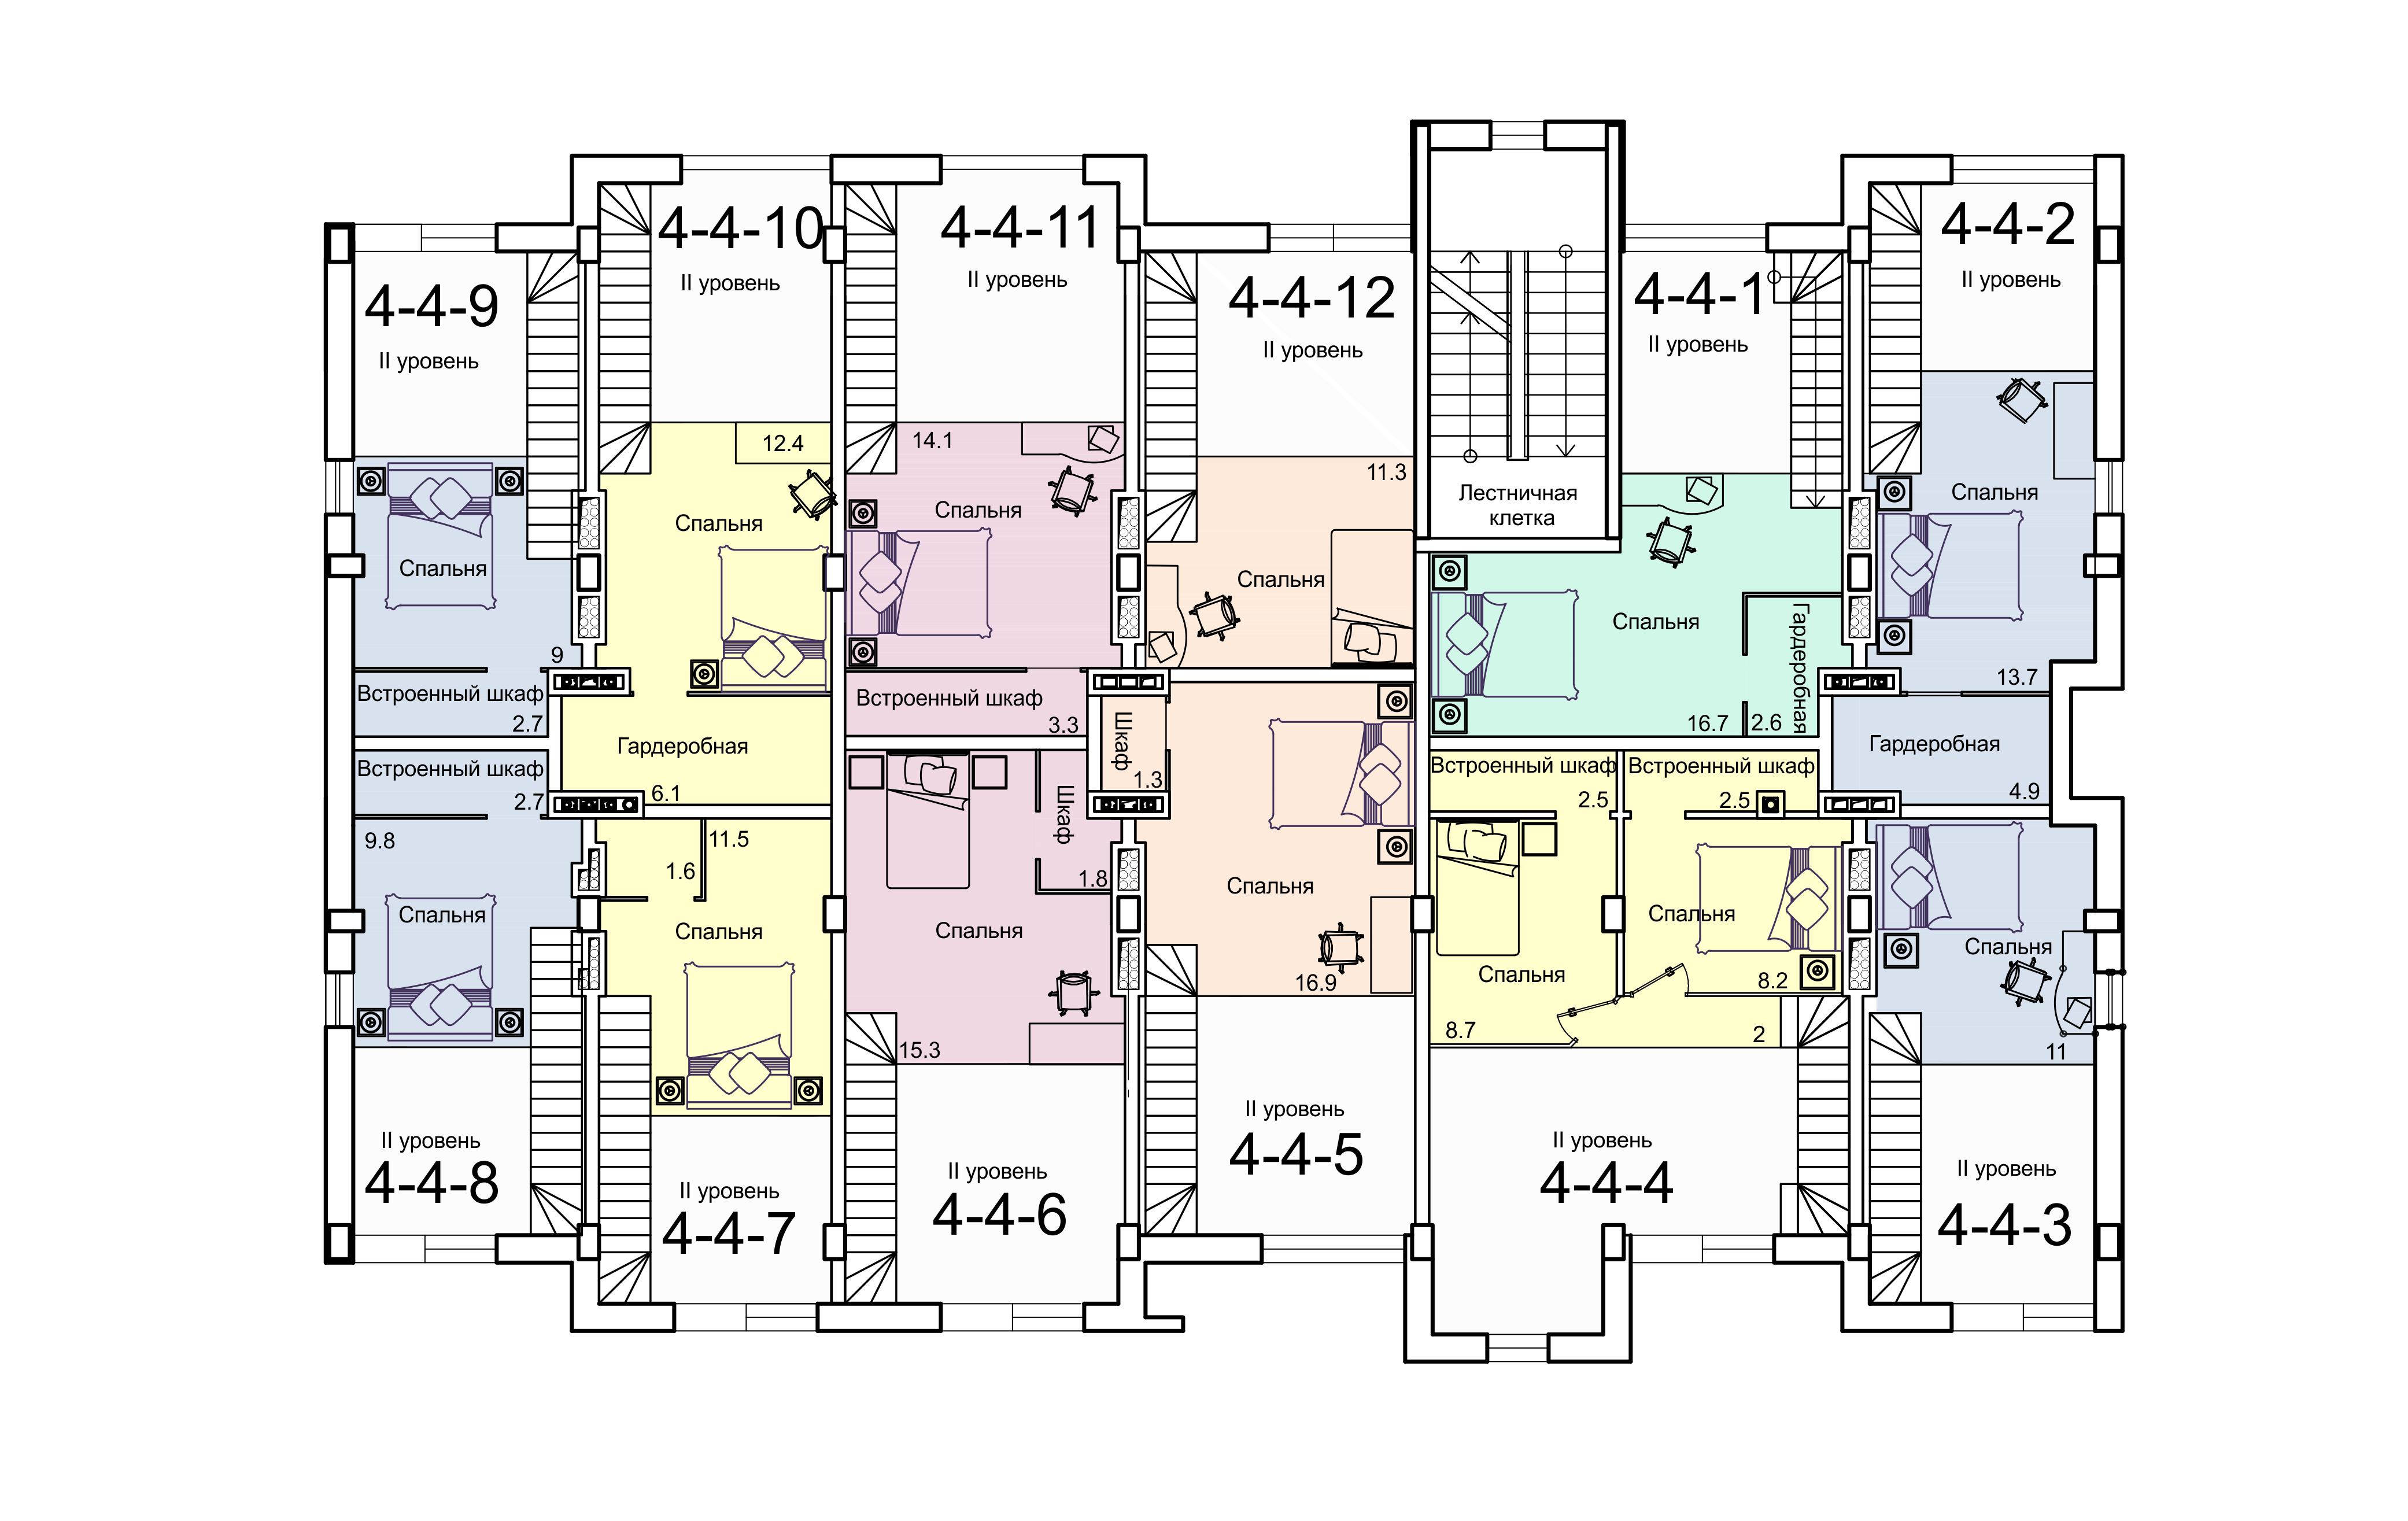 ЖК Smart (Смарт) 4 секция План 4-го этажа (2 уровень)